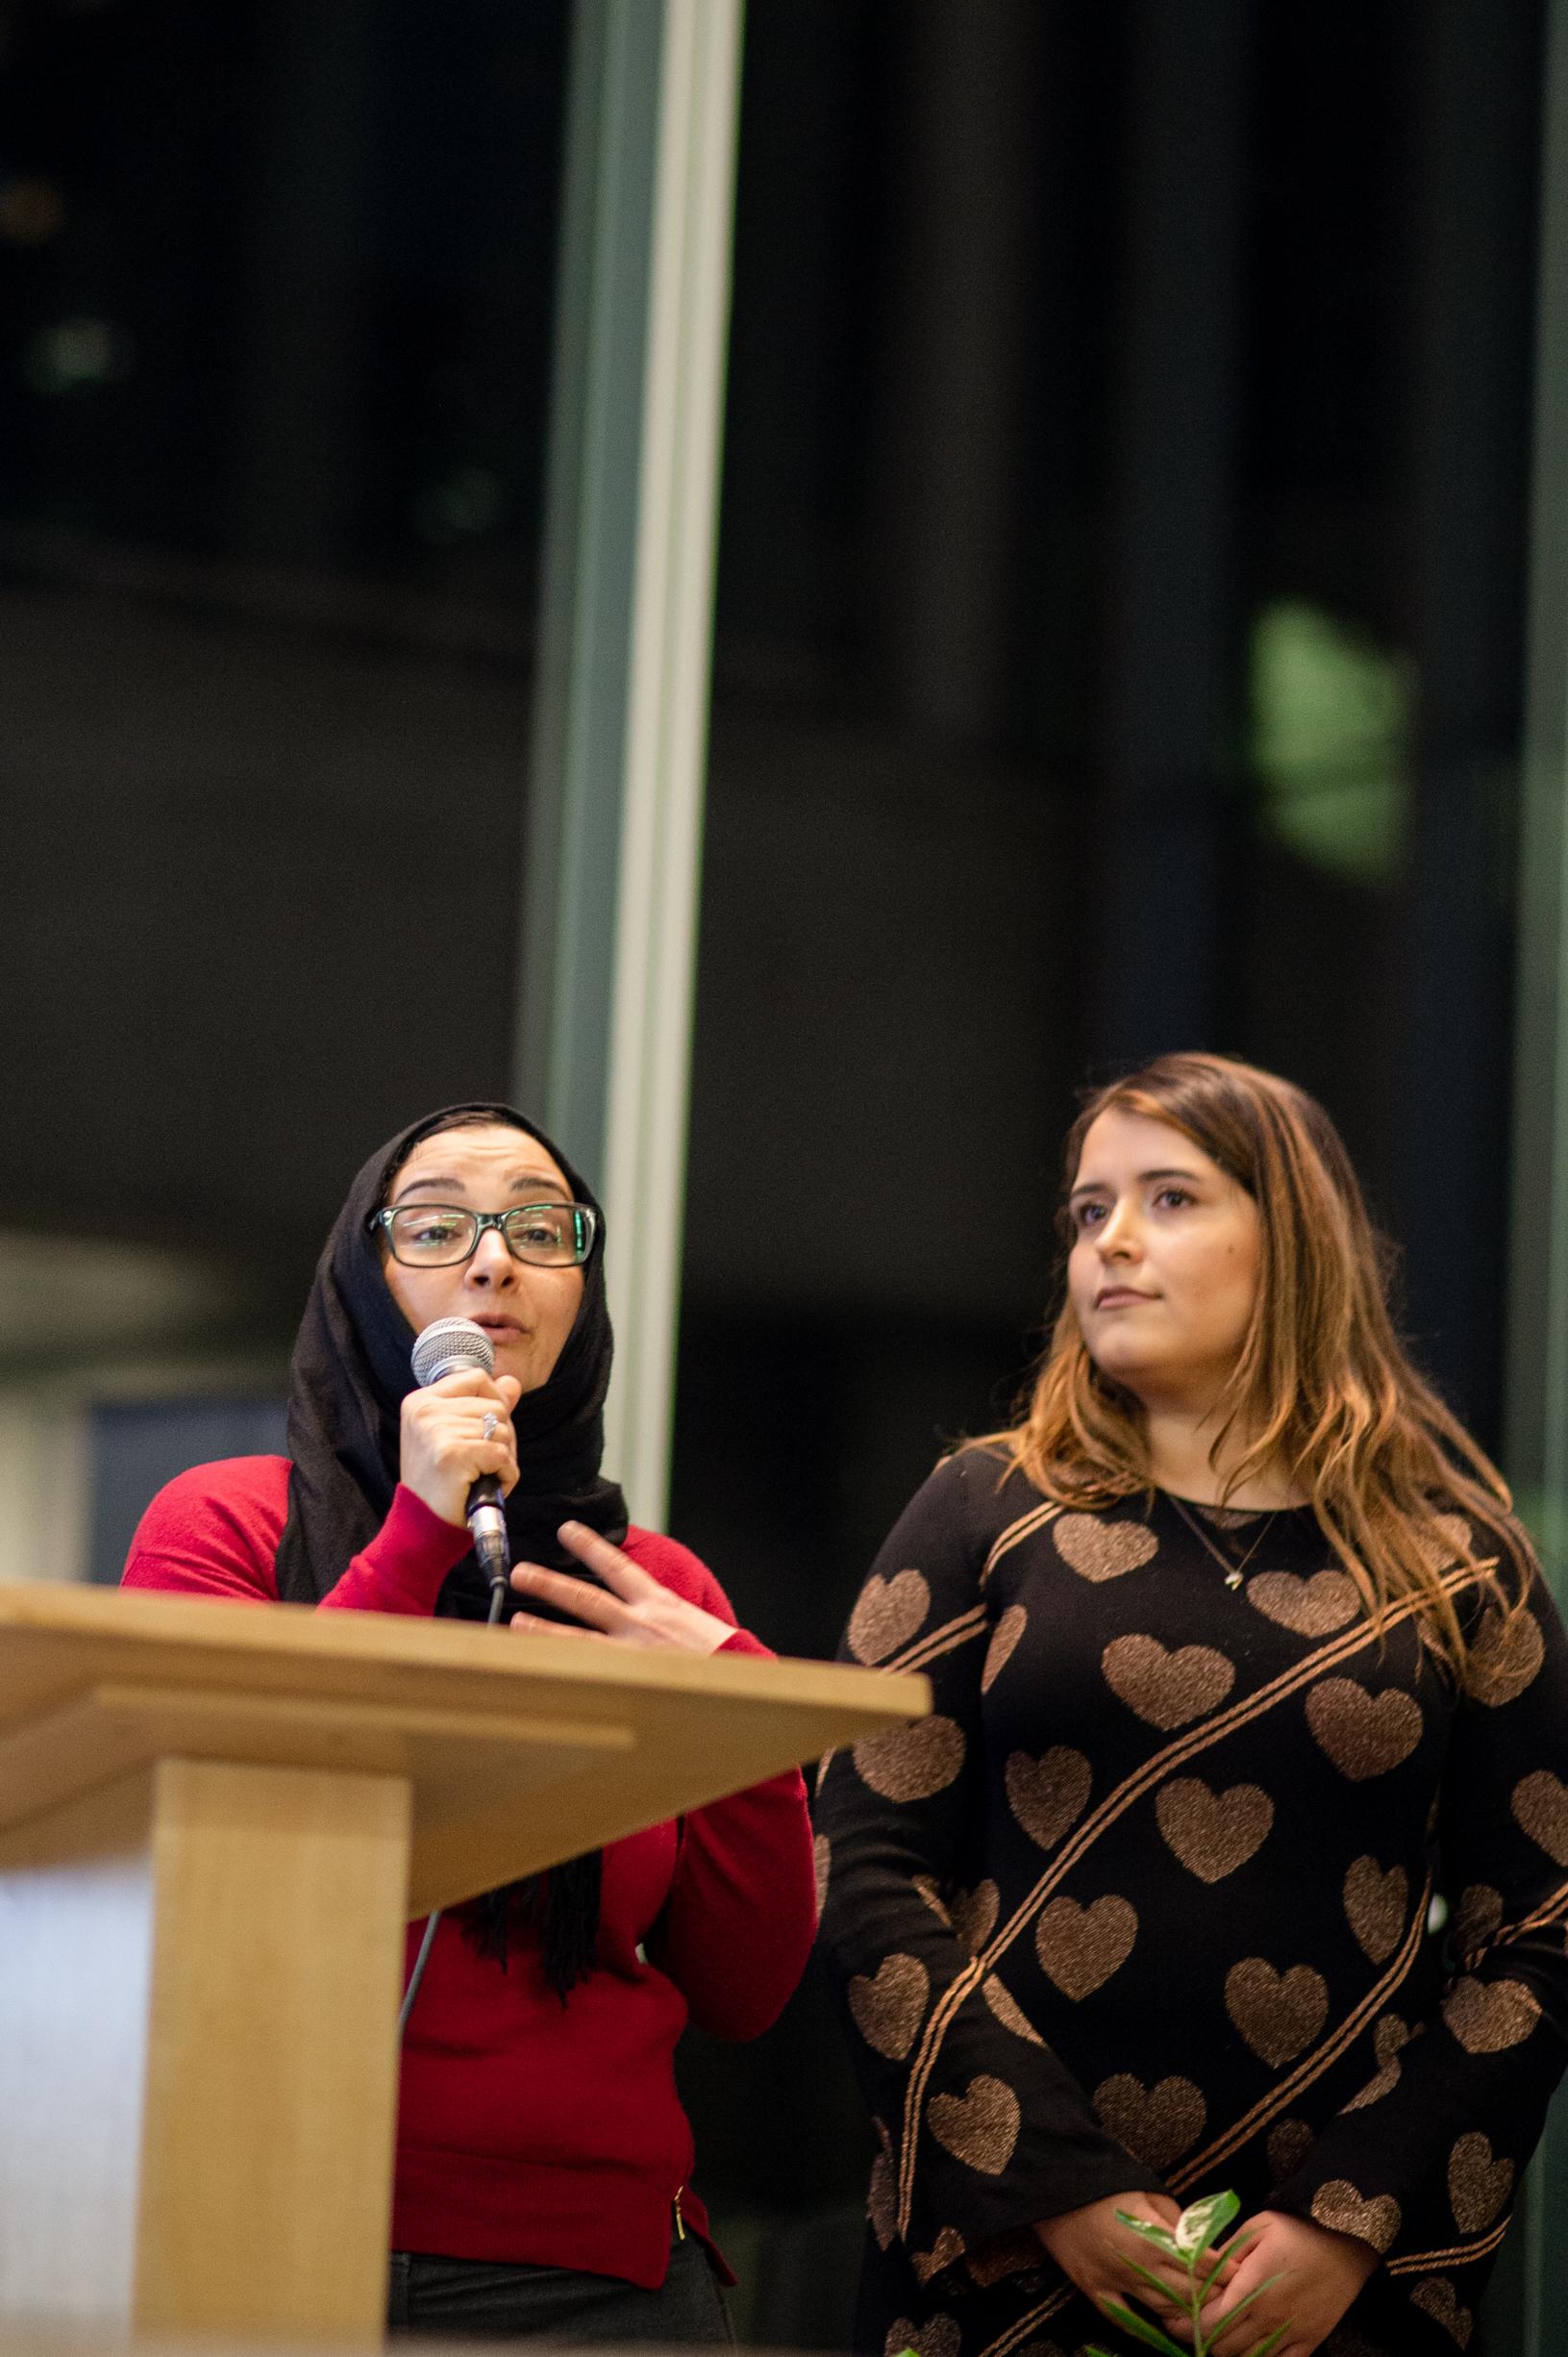 Wafaa Zaqout & Andisheh Fard